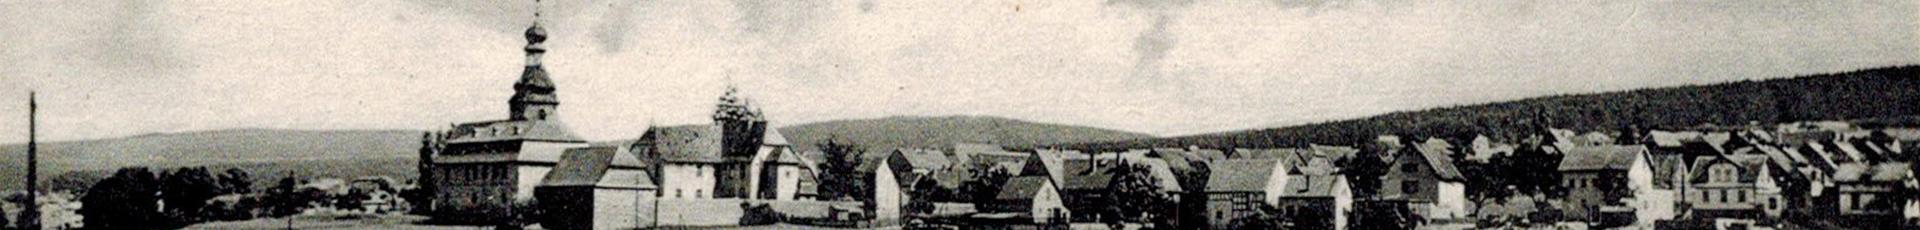 50 Jahre Taunusstein Banner groß